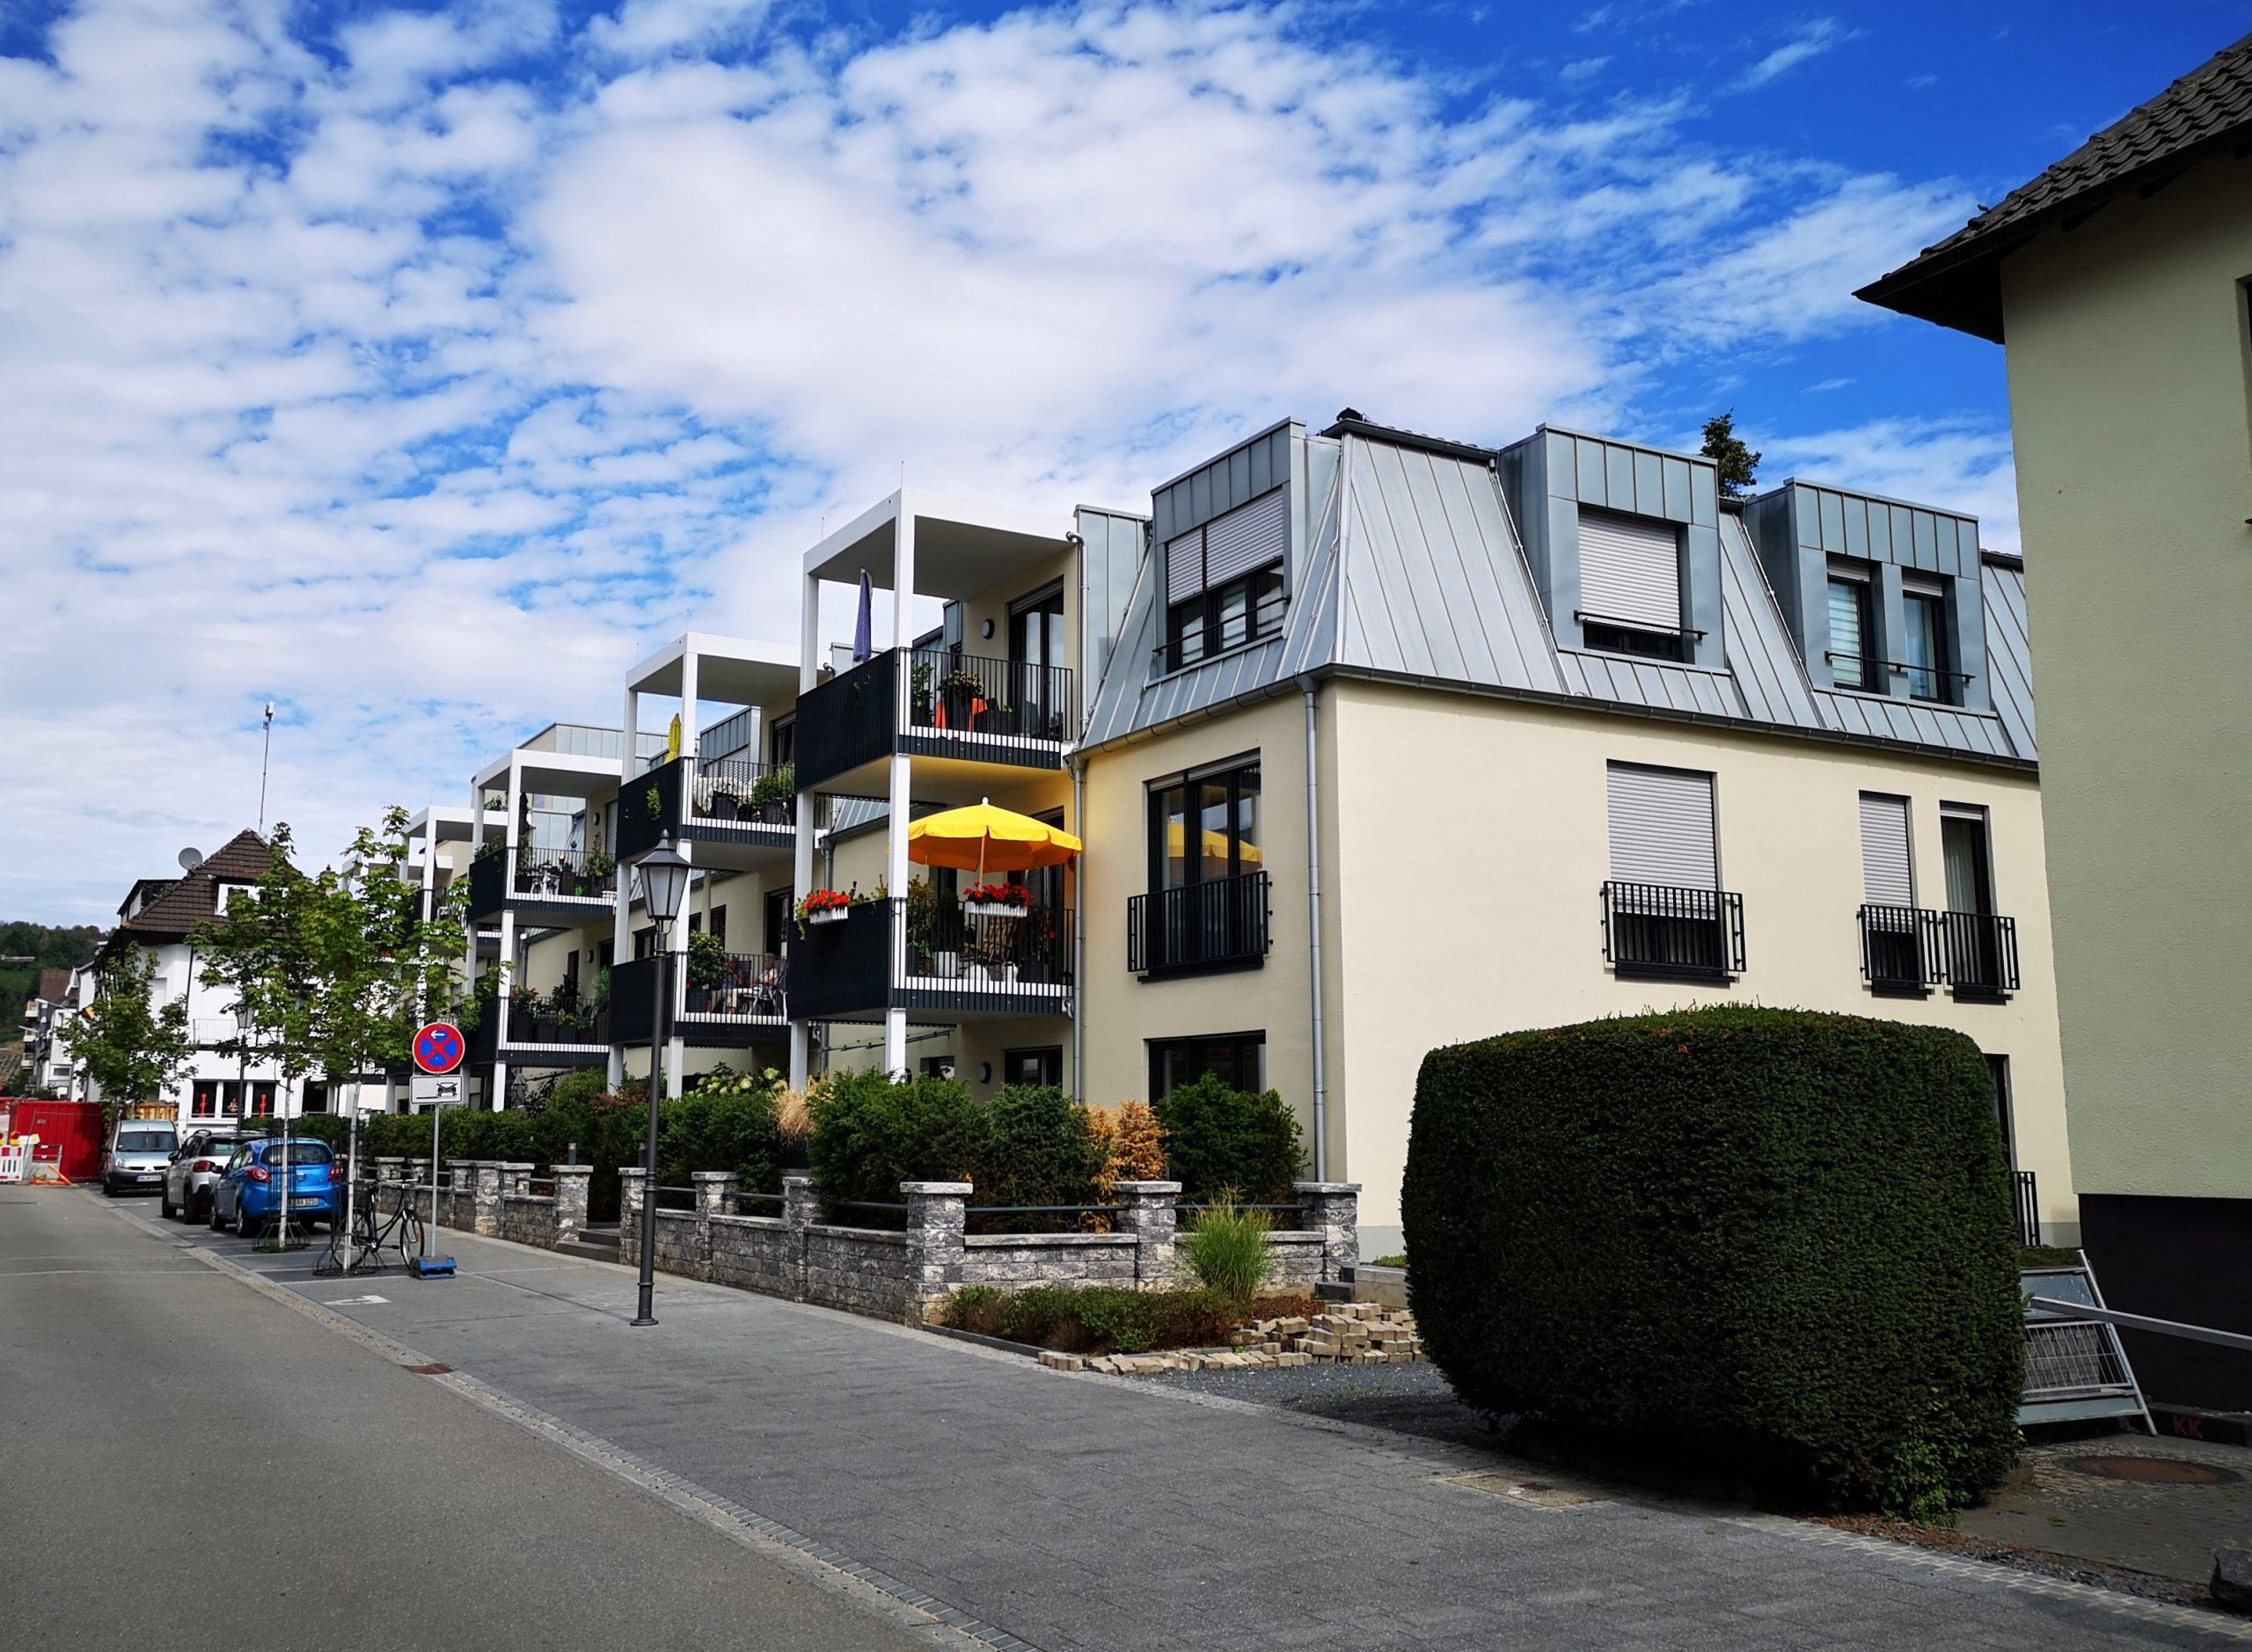 Ahrresidenz – Bad Neuenahr